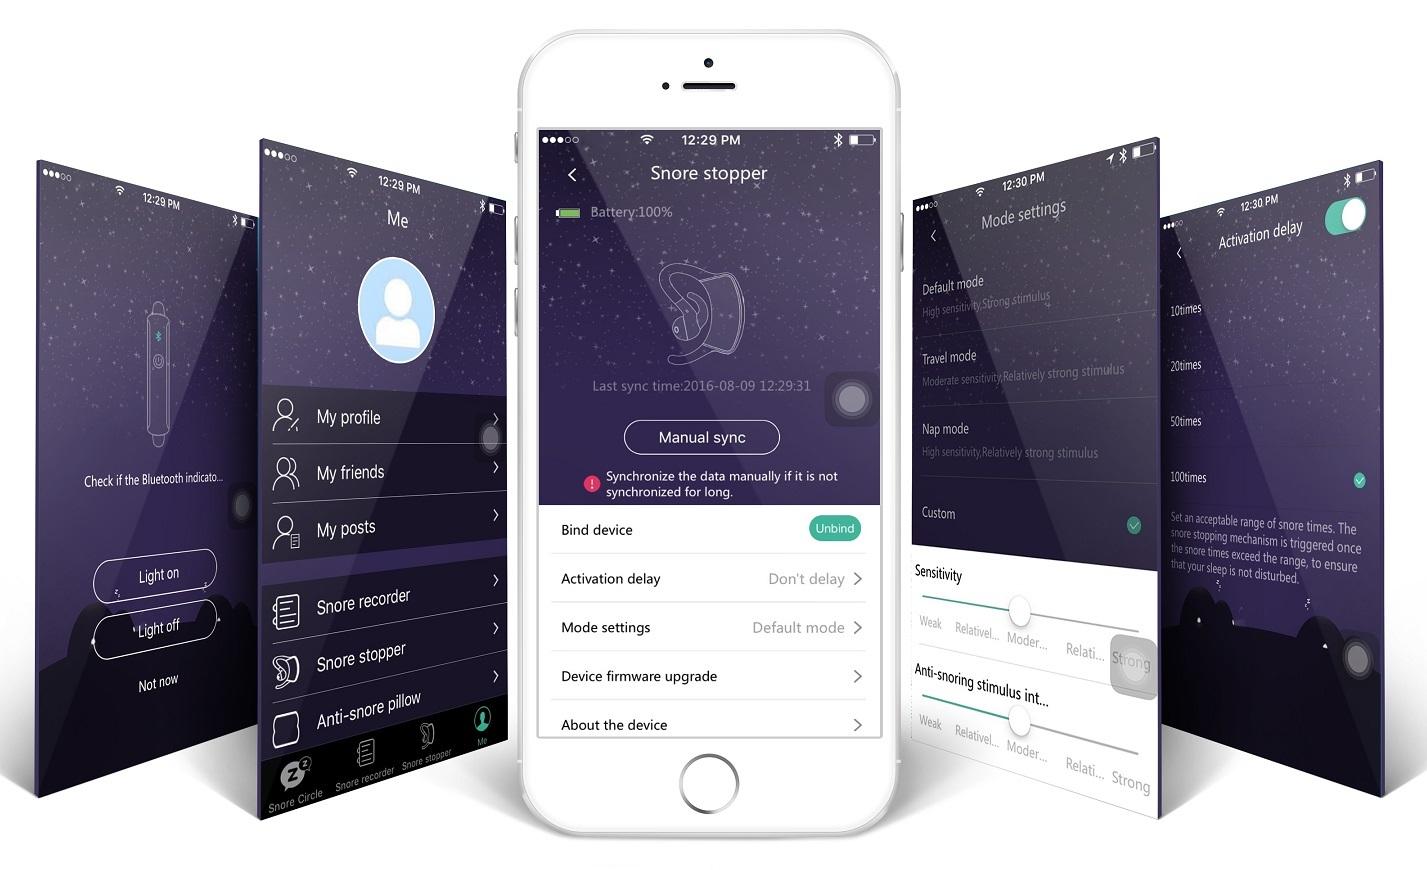 いびきで困っている人を助けるイヤホン型ガジェット「Snore Circle」のスマホアプリ